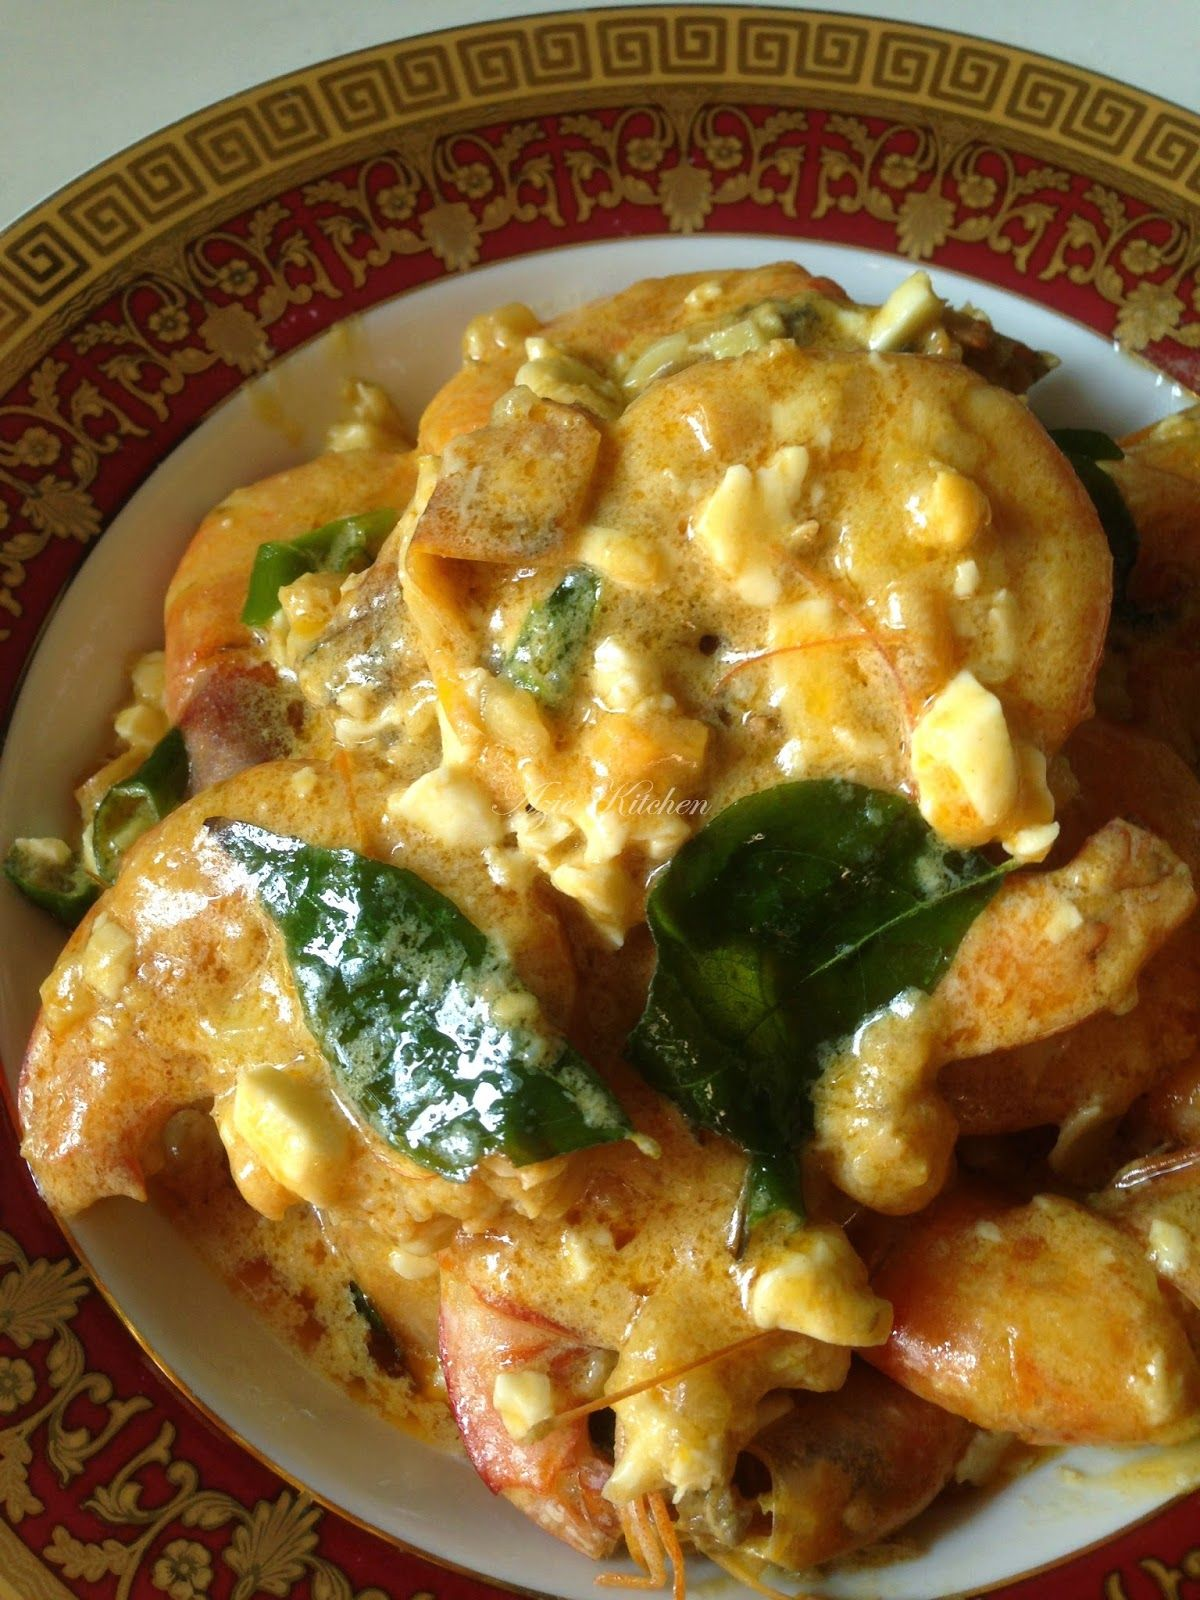 Saya Mula Menyukai Lauk Ini Selepas Menikmati Semasa Makan Malam Di Restoran Waneeda Kota Damansara Walaupun Masakan Asia Makan Malam Resep Masakan Malaysia